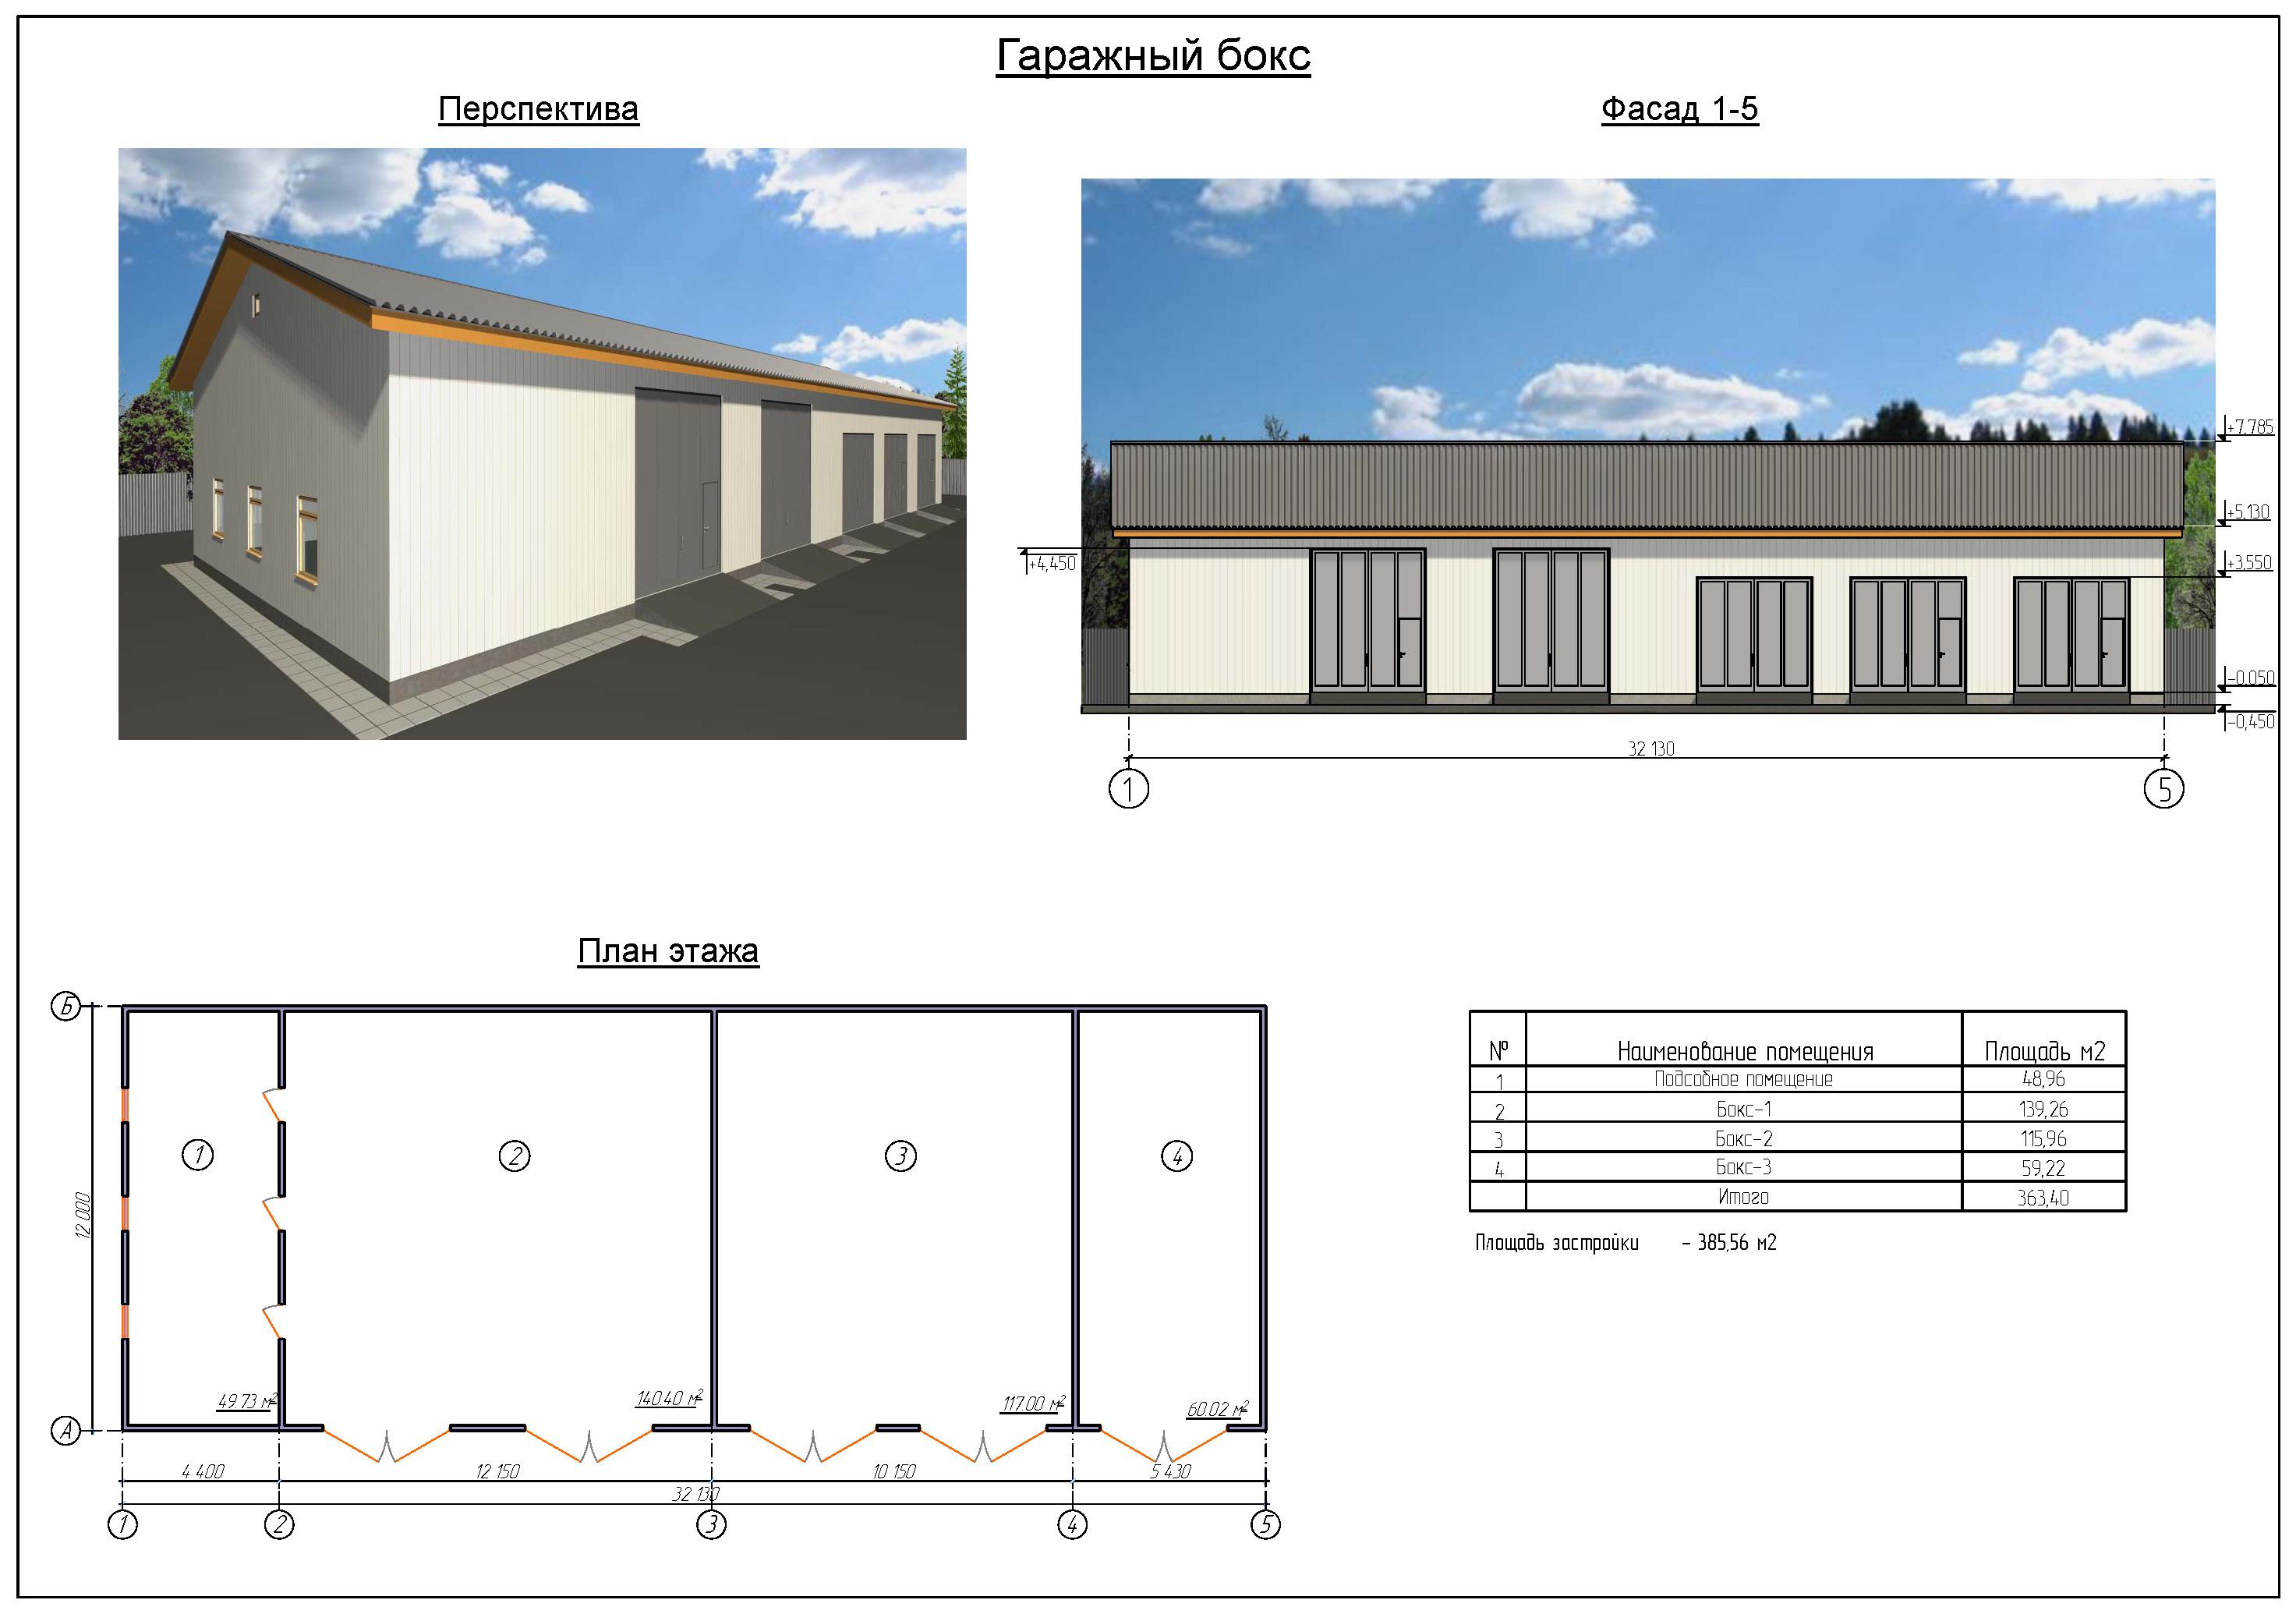 Расчет материала для строительства гаража